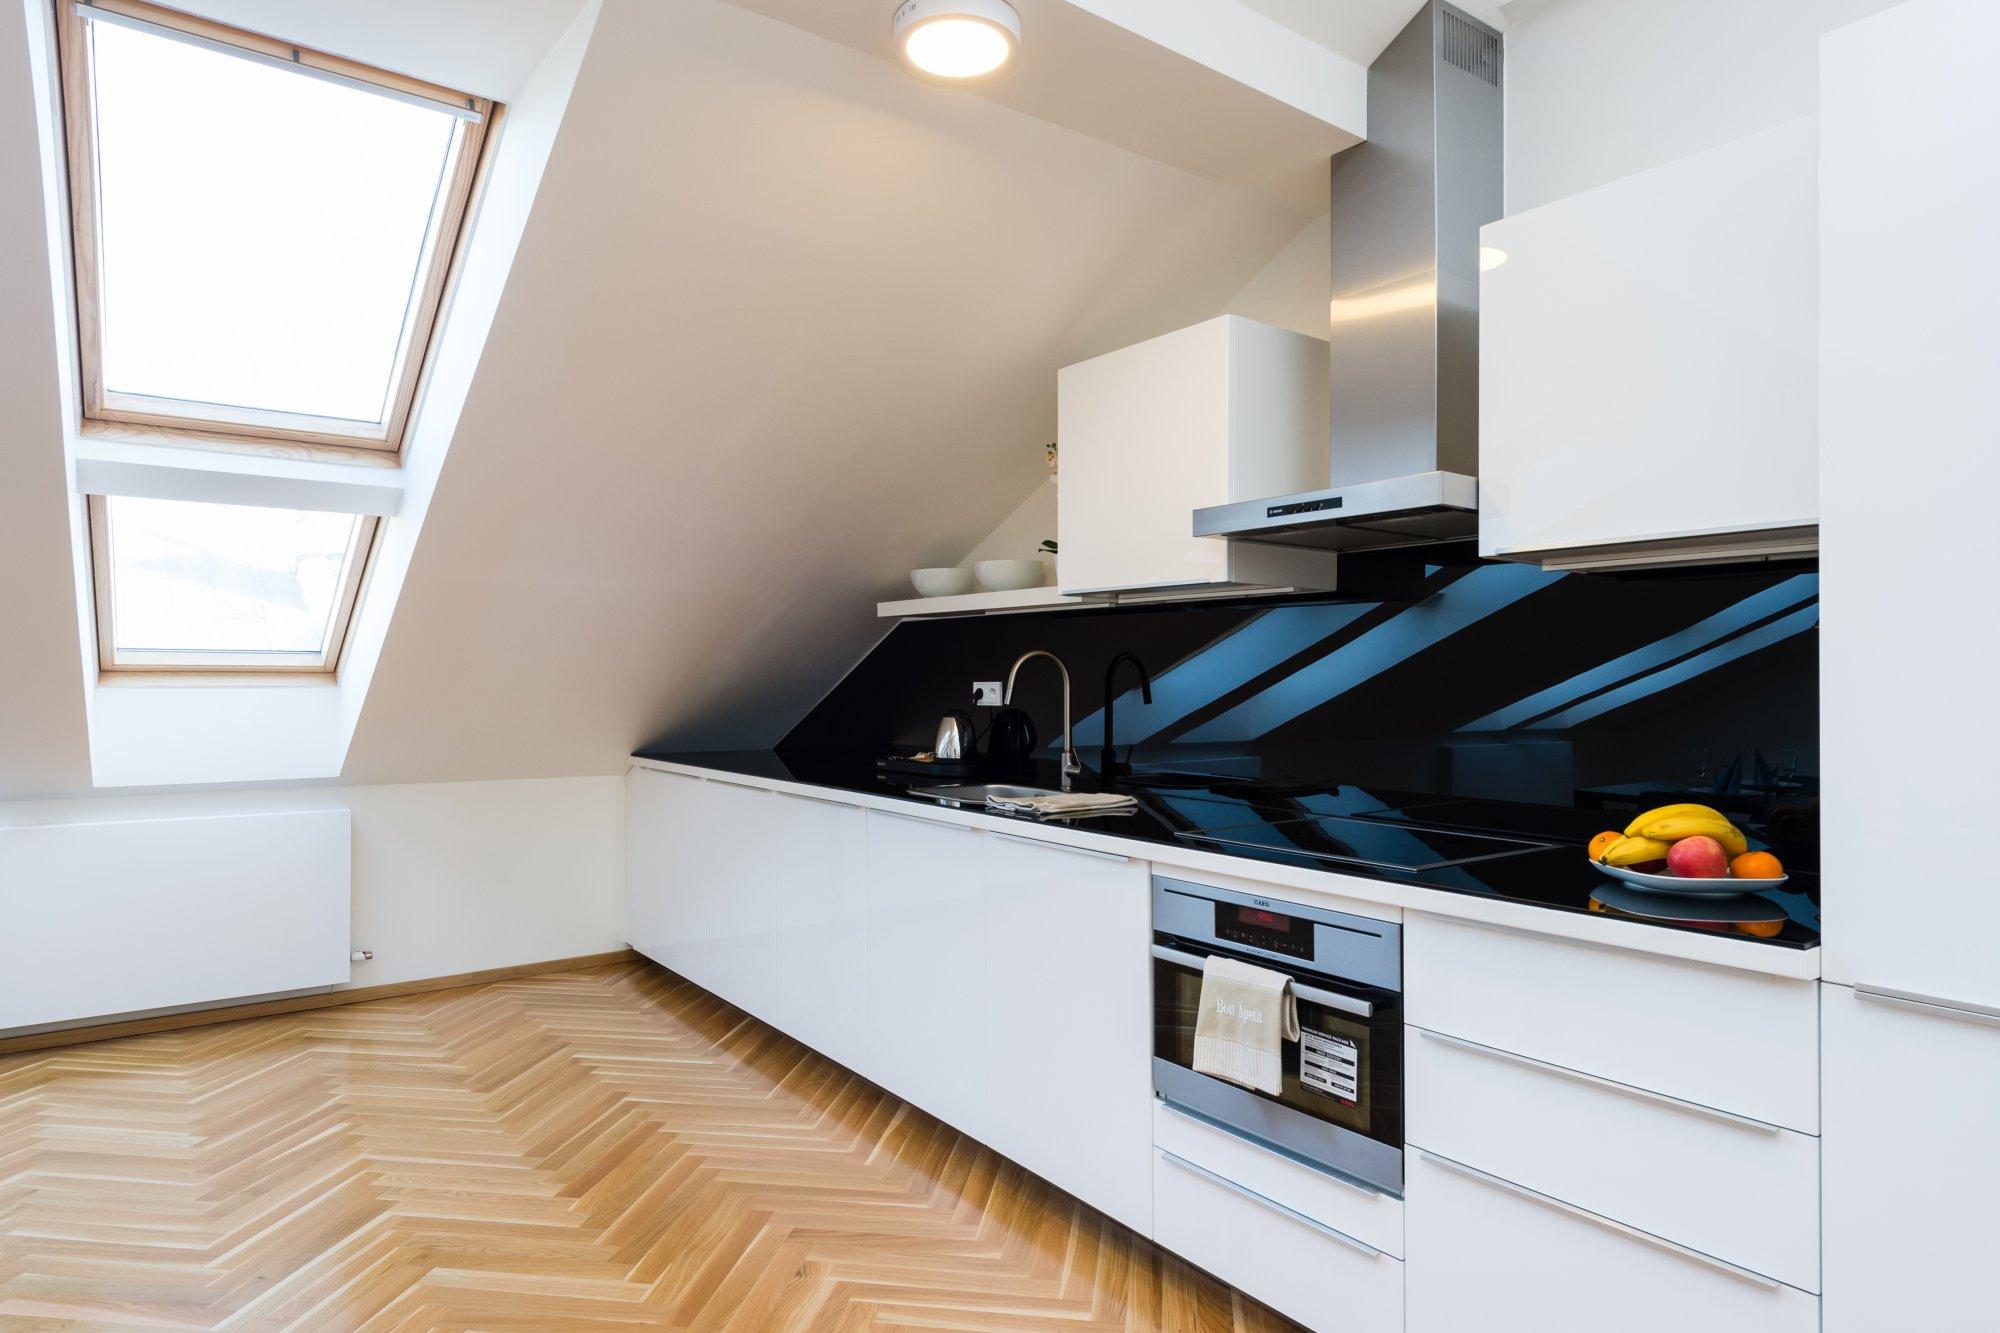 Půdní byt 2+kk, plocha 95 m², ulice U Bulhara, Praha 1 - Nové Město | 3